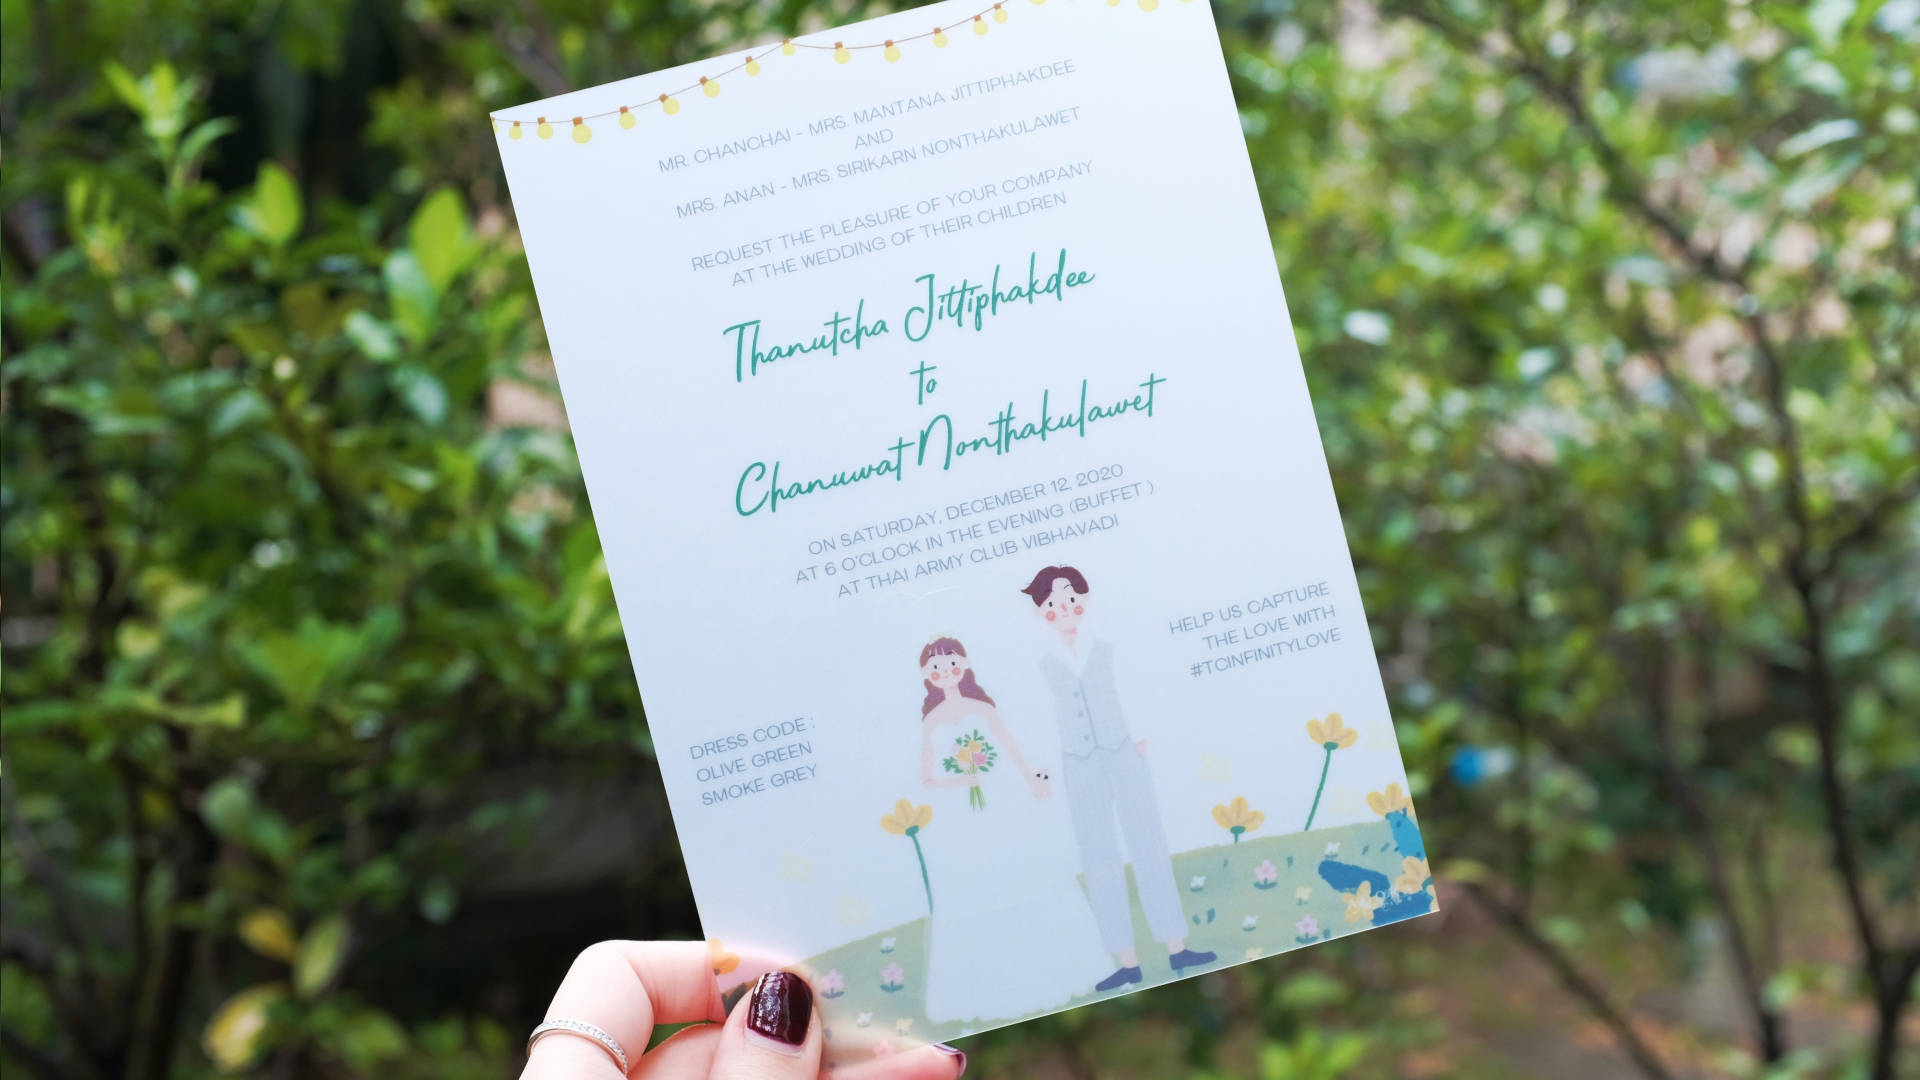 B076LM-wedding-card-1